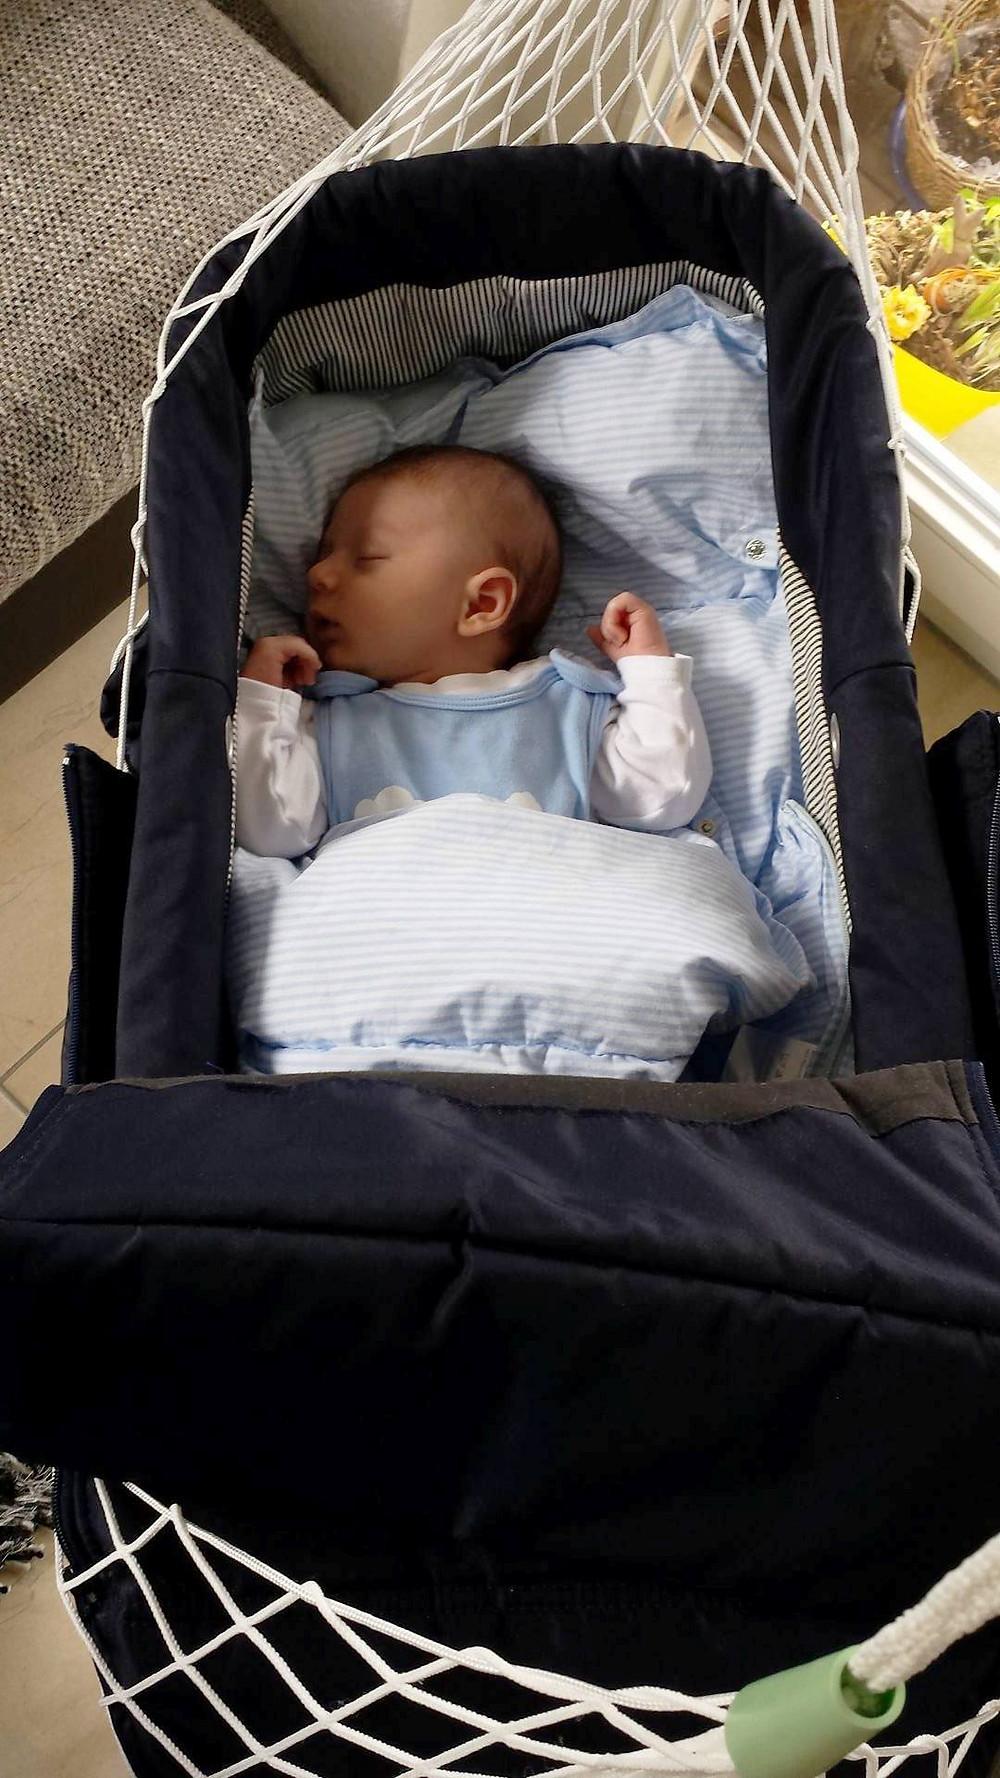 Kinderwagen Oberteil in der Lullababy Federwiege - Friedlich schlafend, mit sanften Schwingungen in den Schlaf